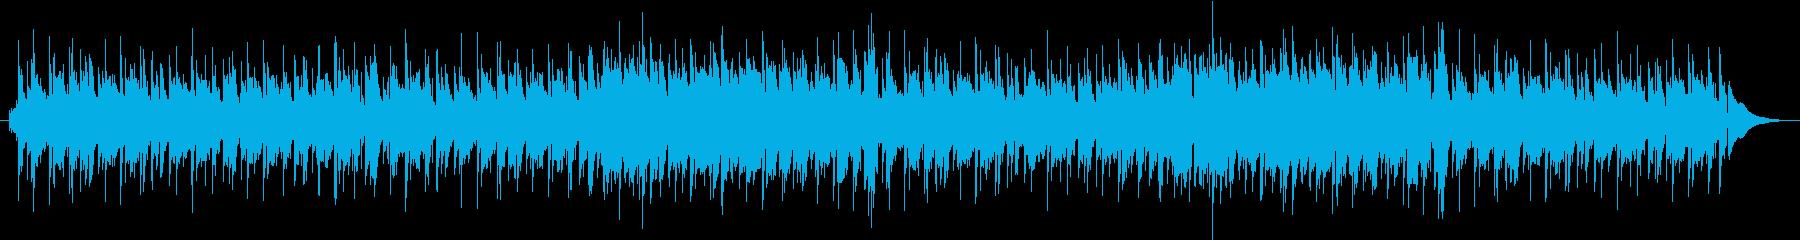 ハイテンポなボサノヴァ風のエレピ・ビー…の再生済みの波形